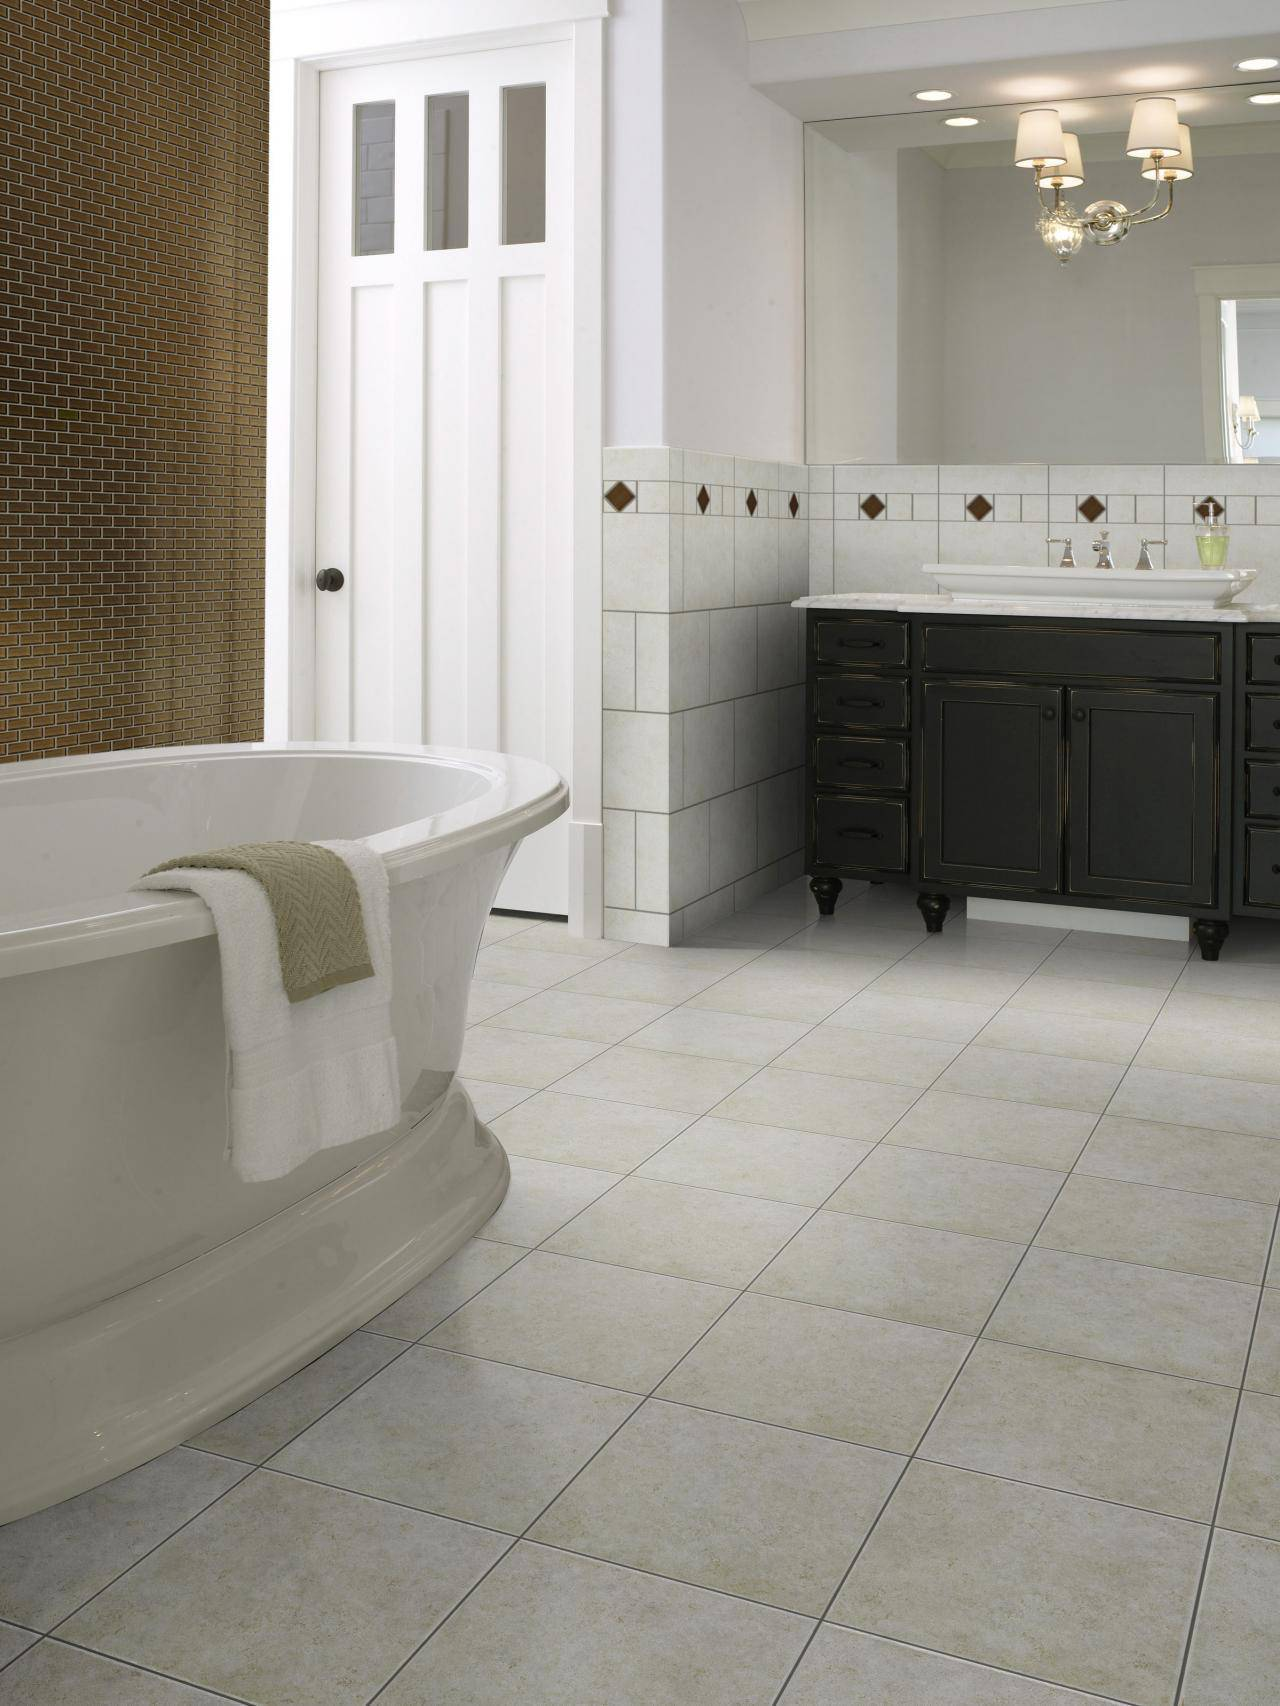 Revestimento para banheiro piso ceramico bege